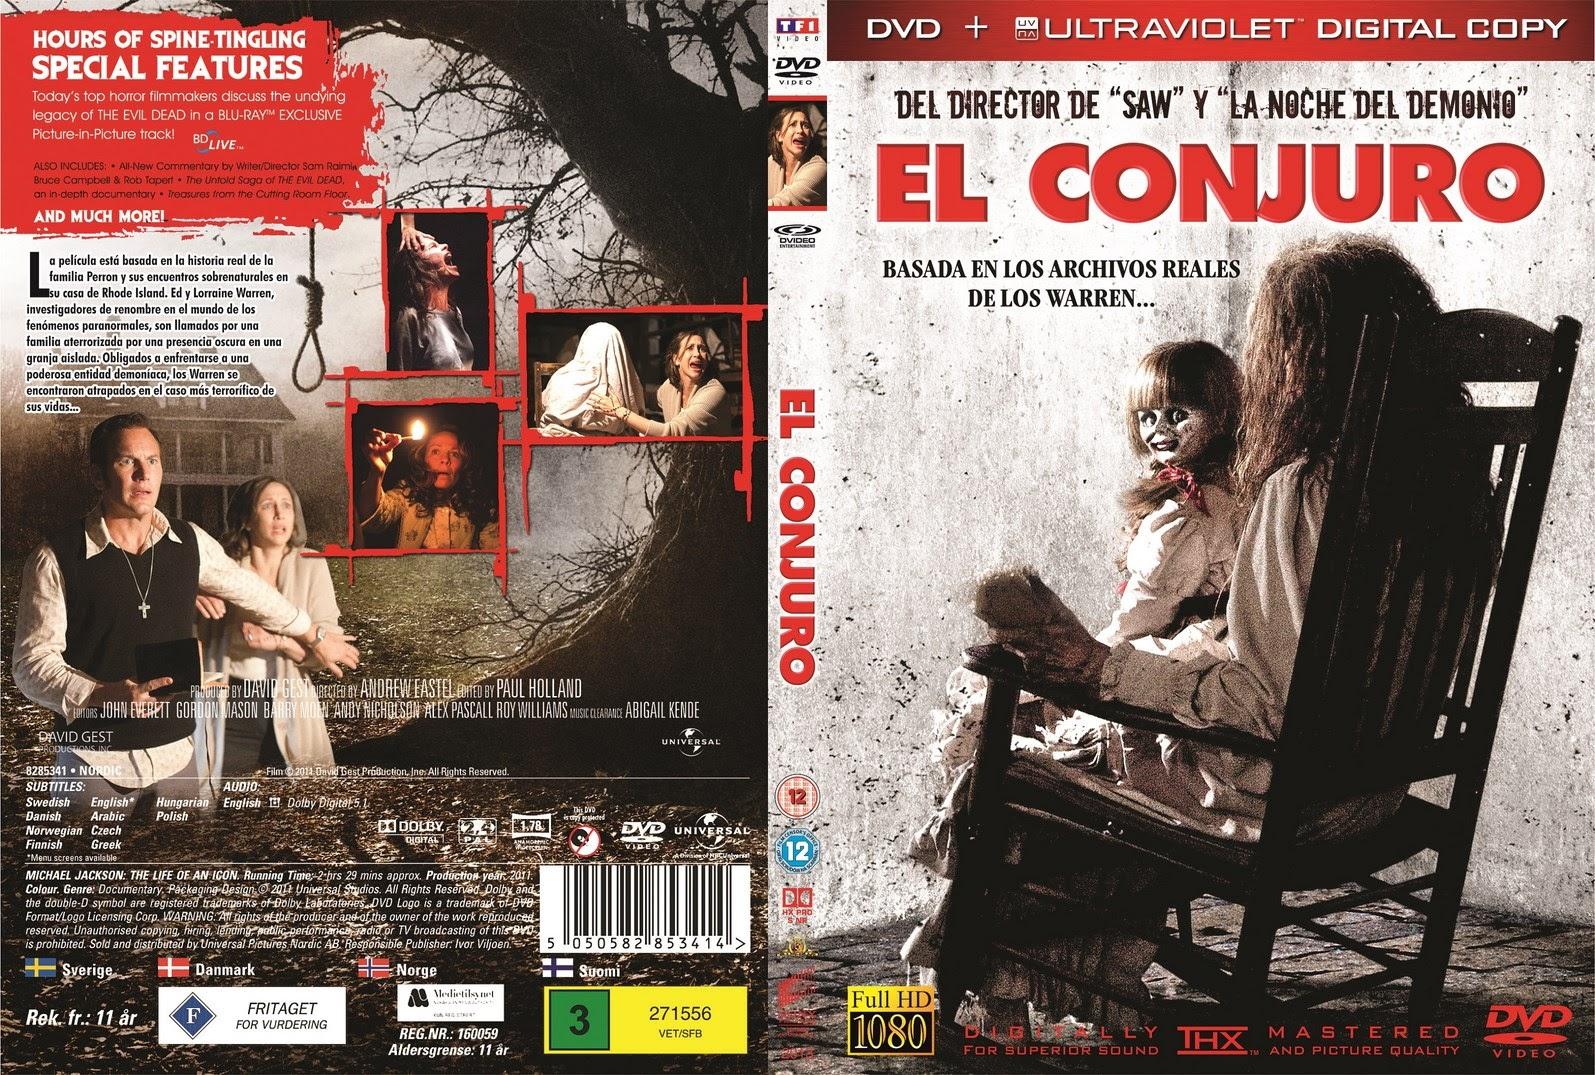 El conjuro - Latino